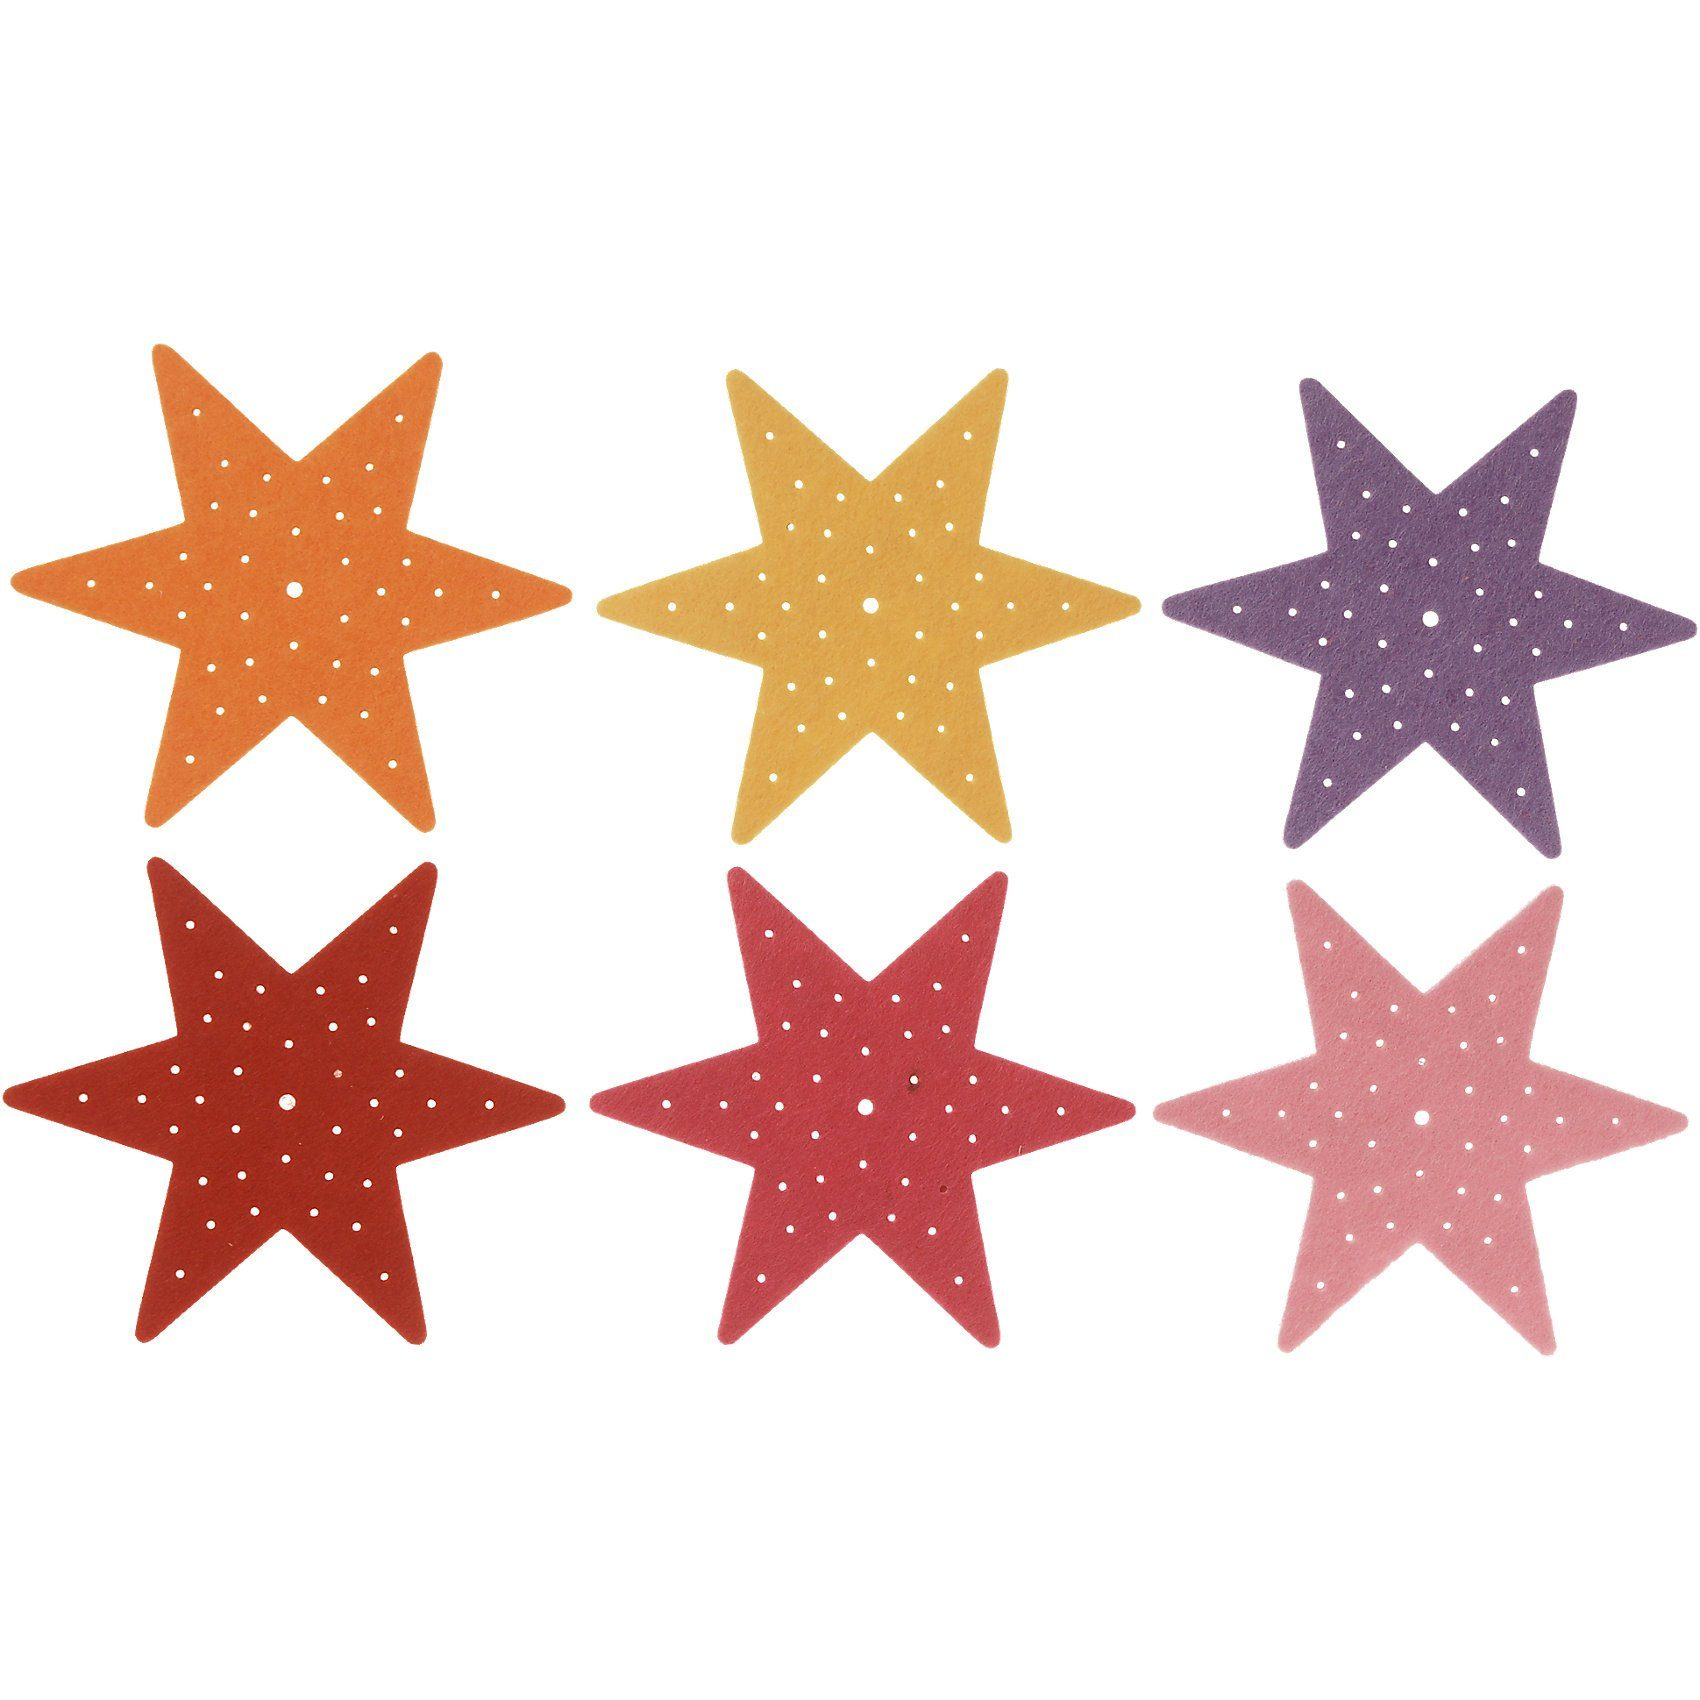 SUNNYSUE Filz-Stickplatten Stern Erste Stickübungen, 6 Stück